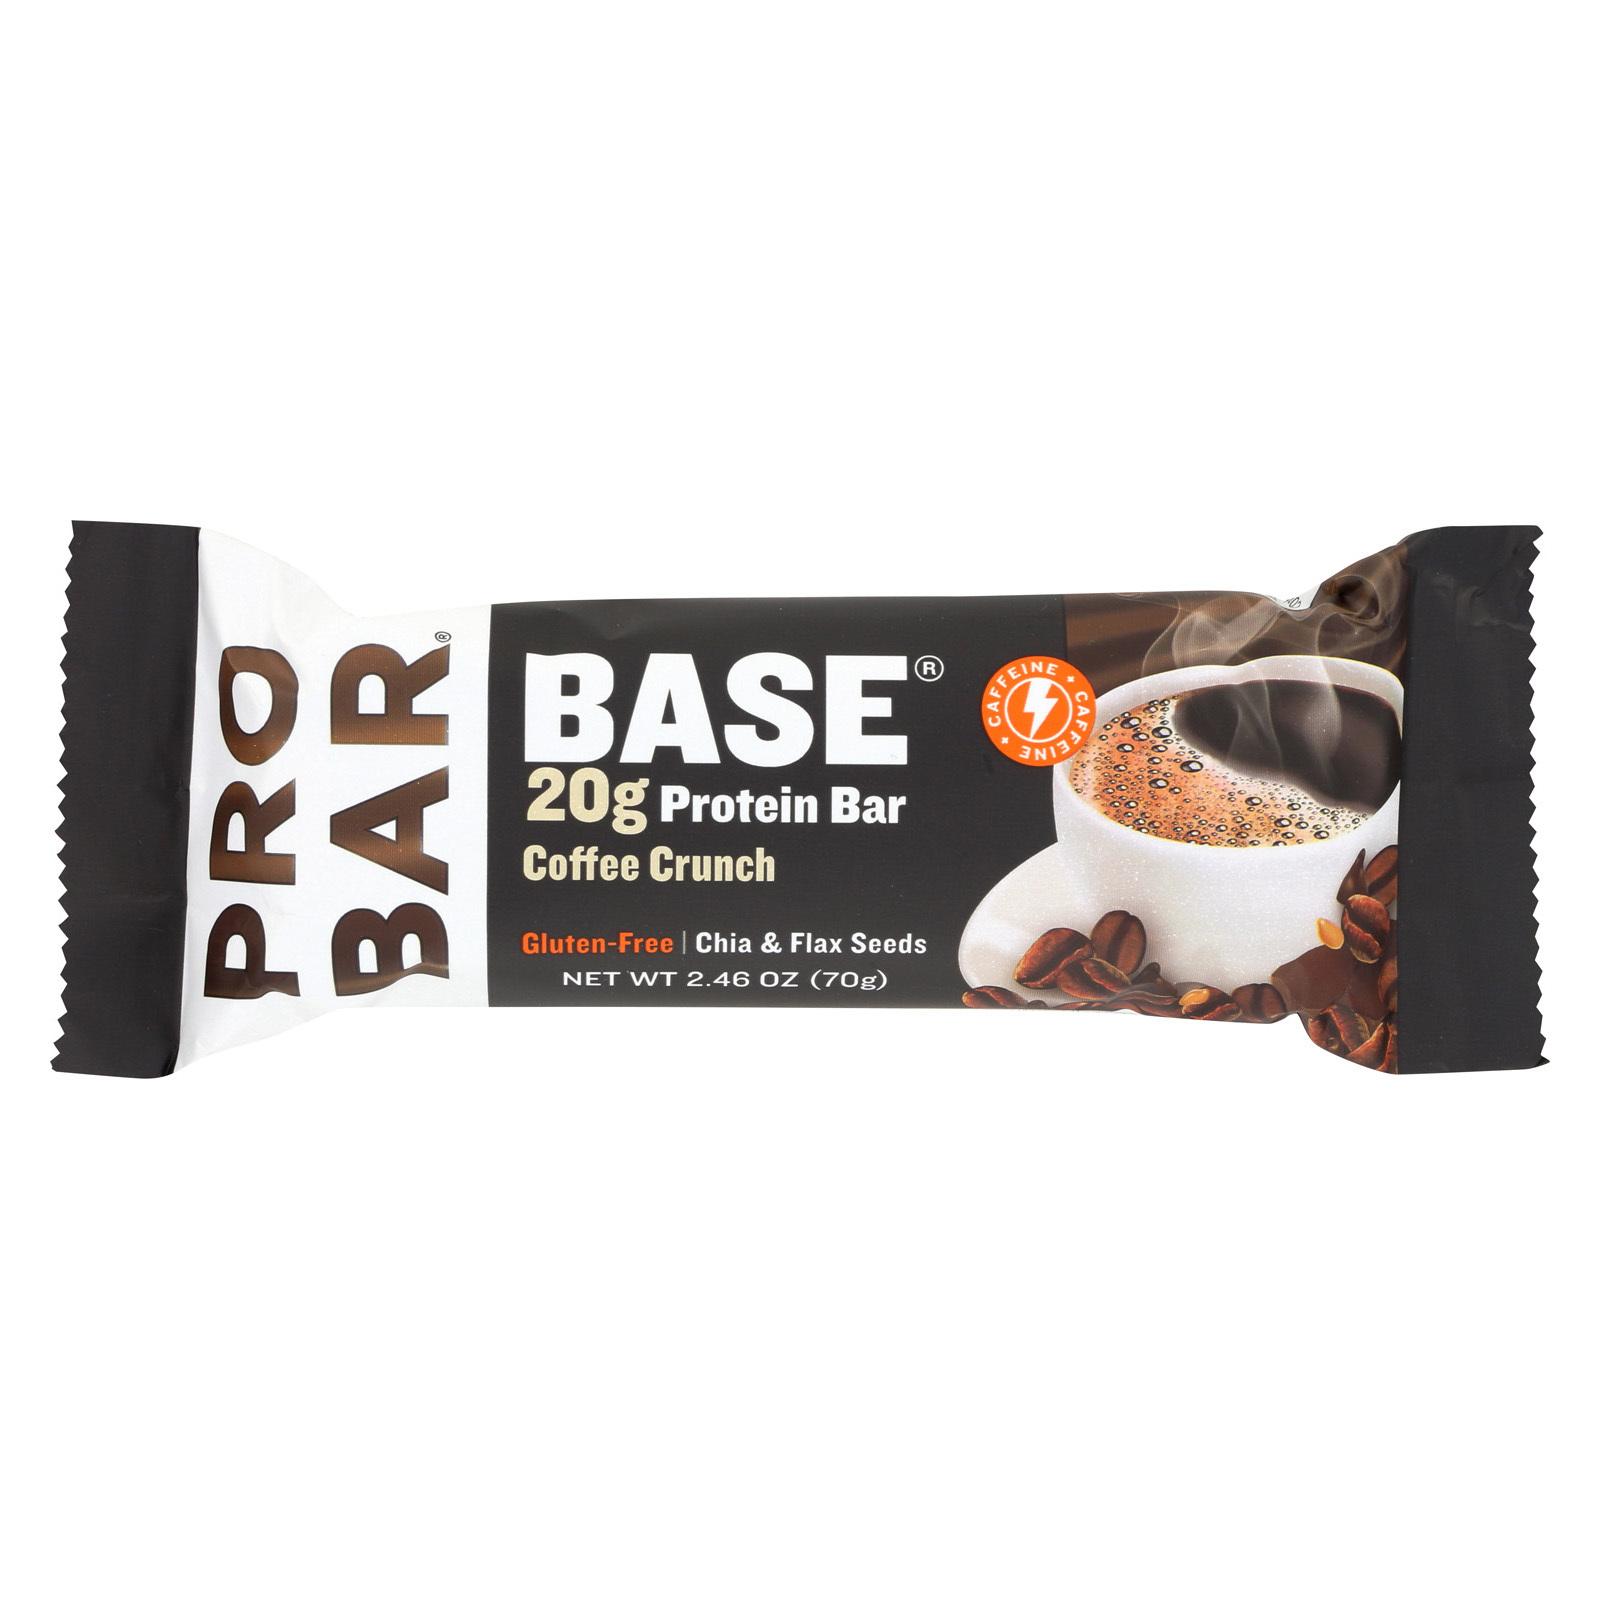 Probar Base Bar - Coffee Crunch - Case of 12 - 2.46 oz.